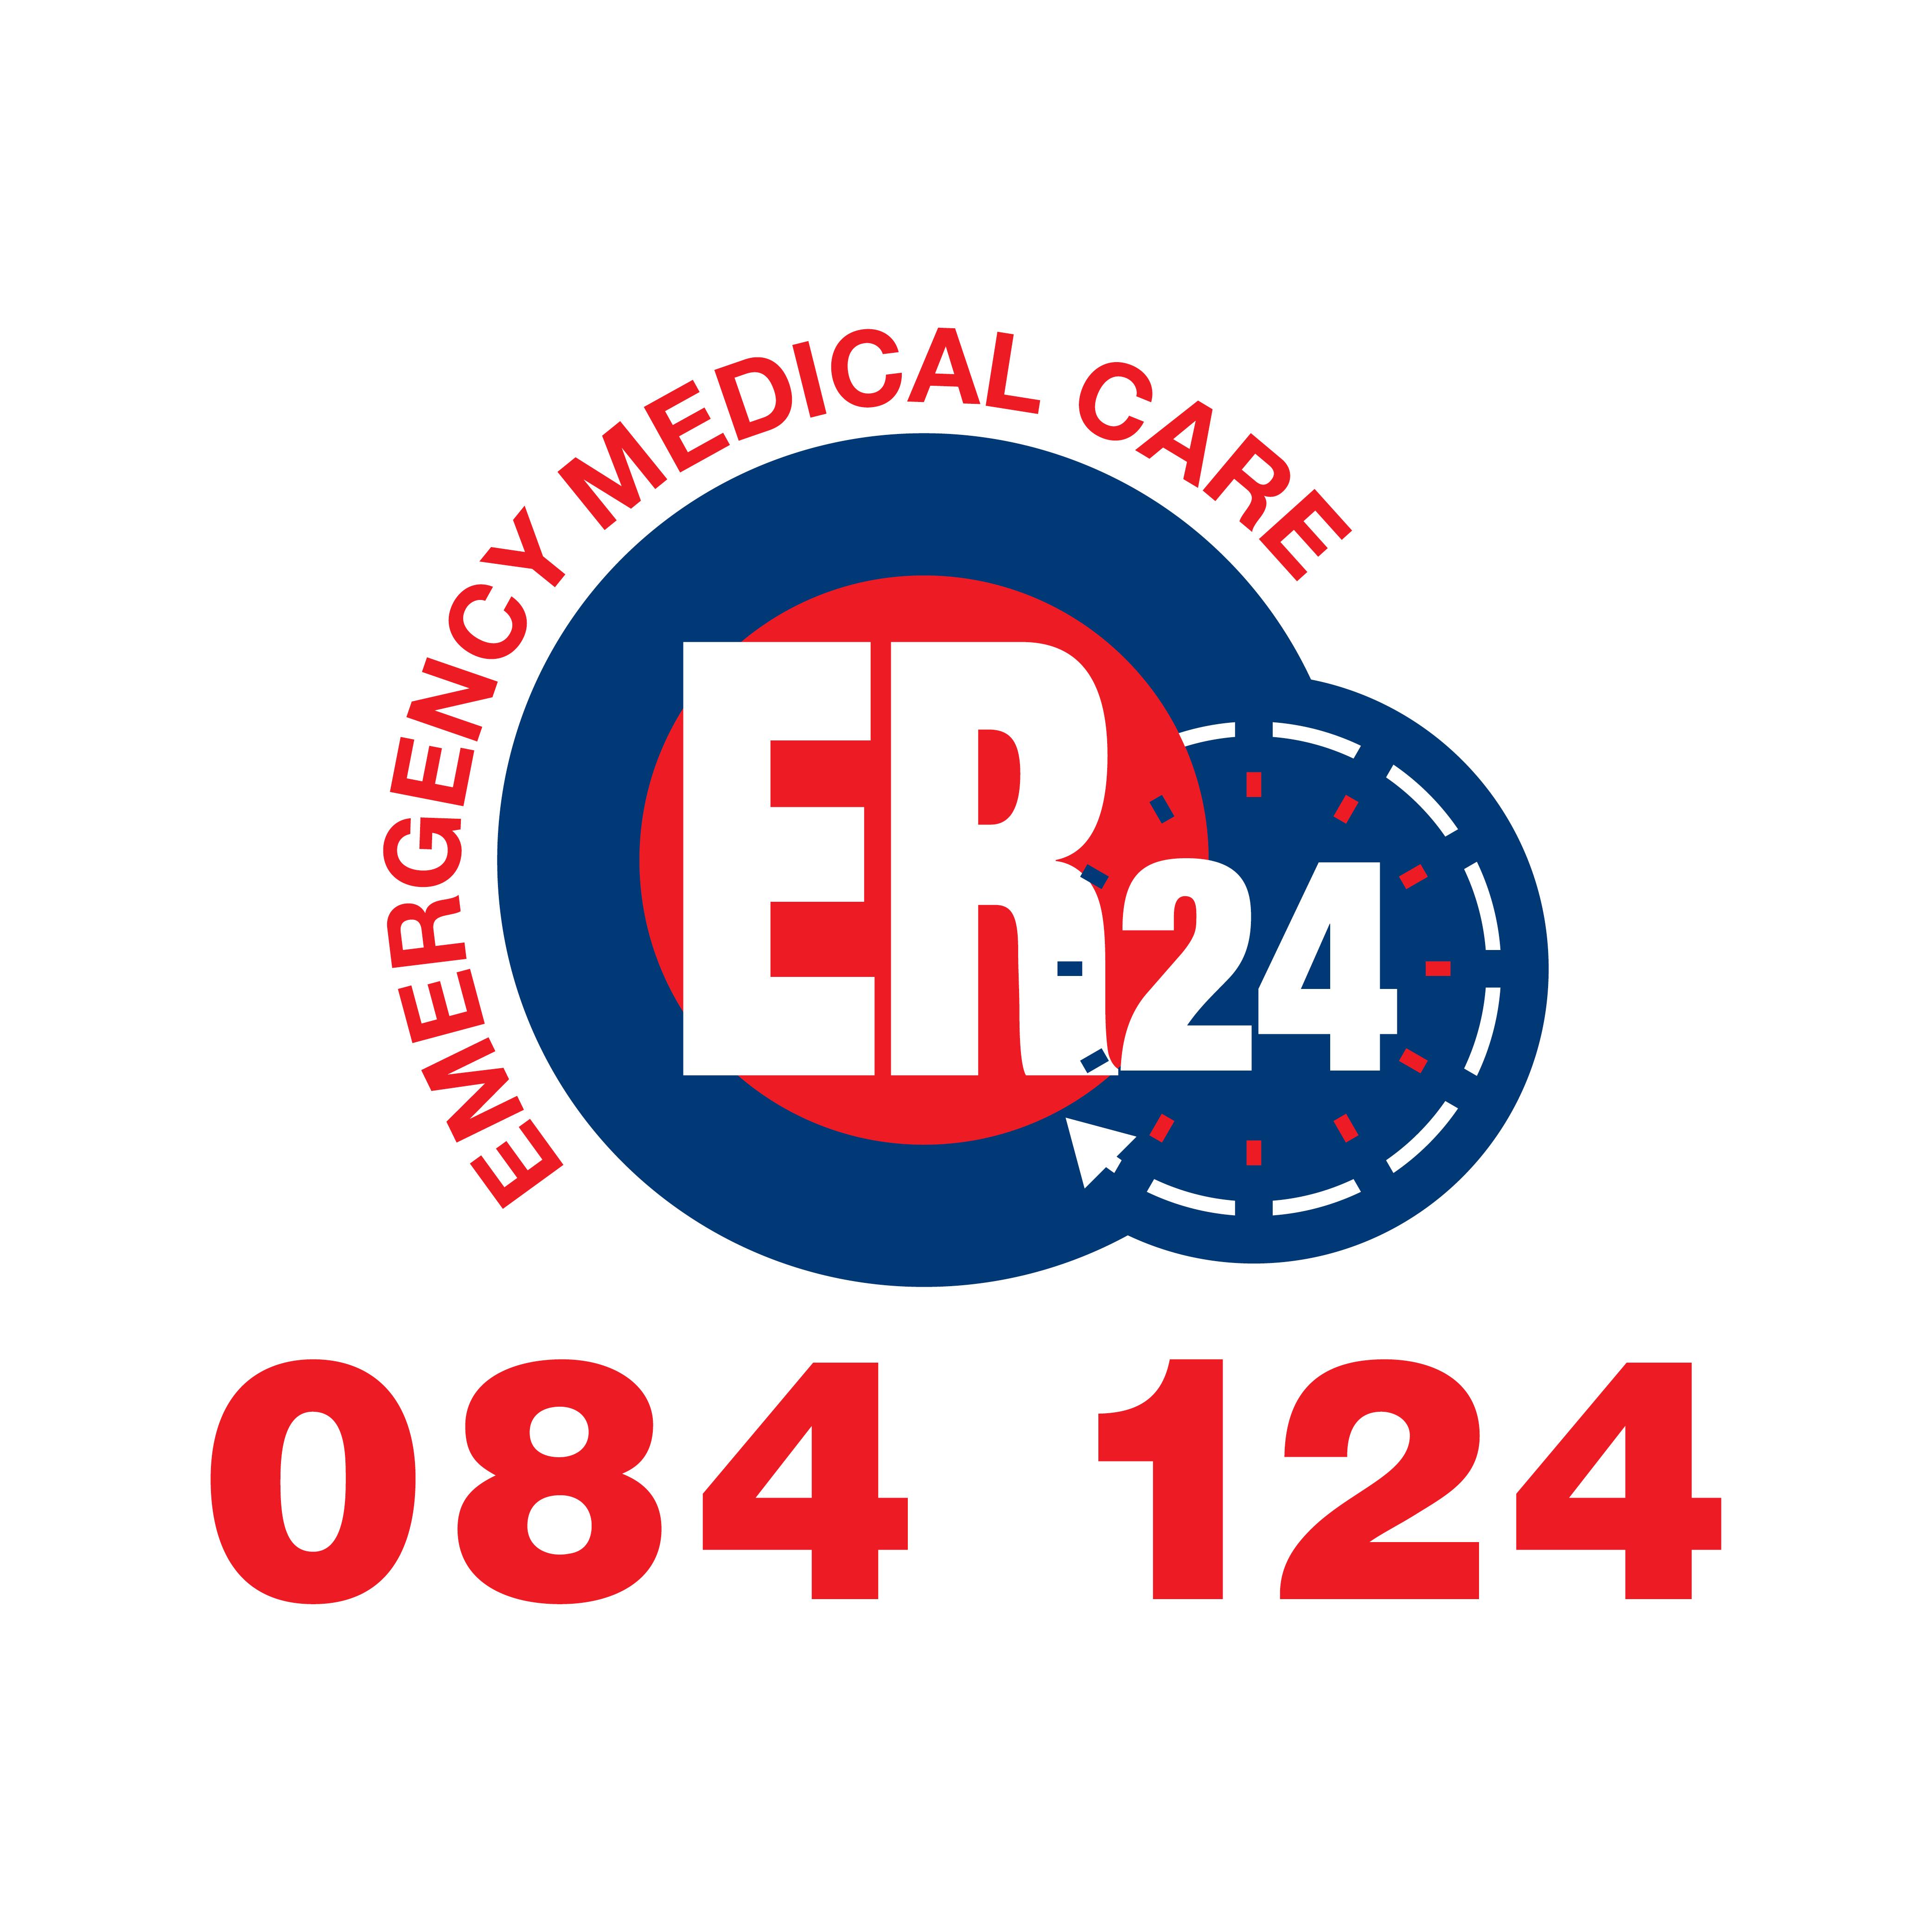 ER24 Brits